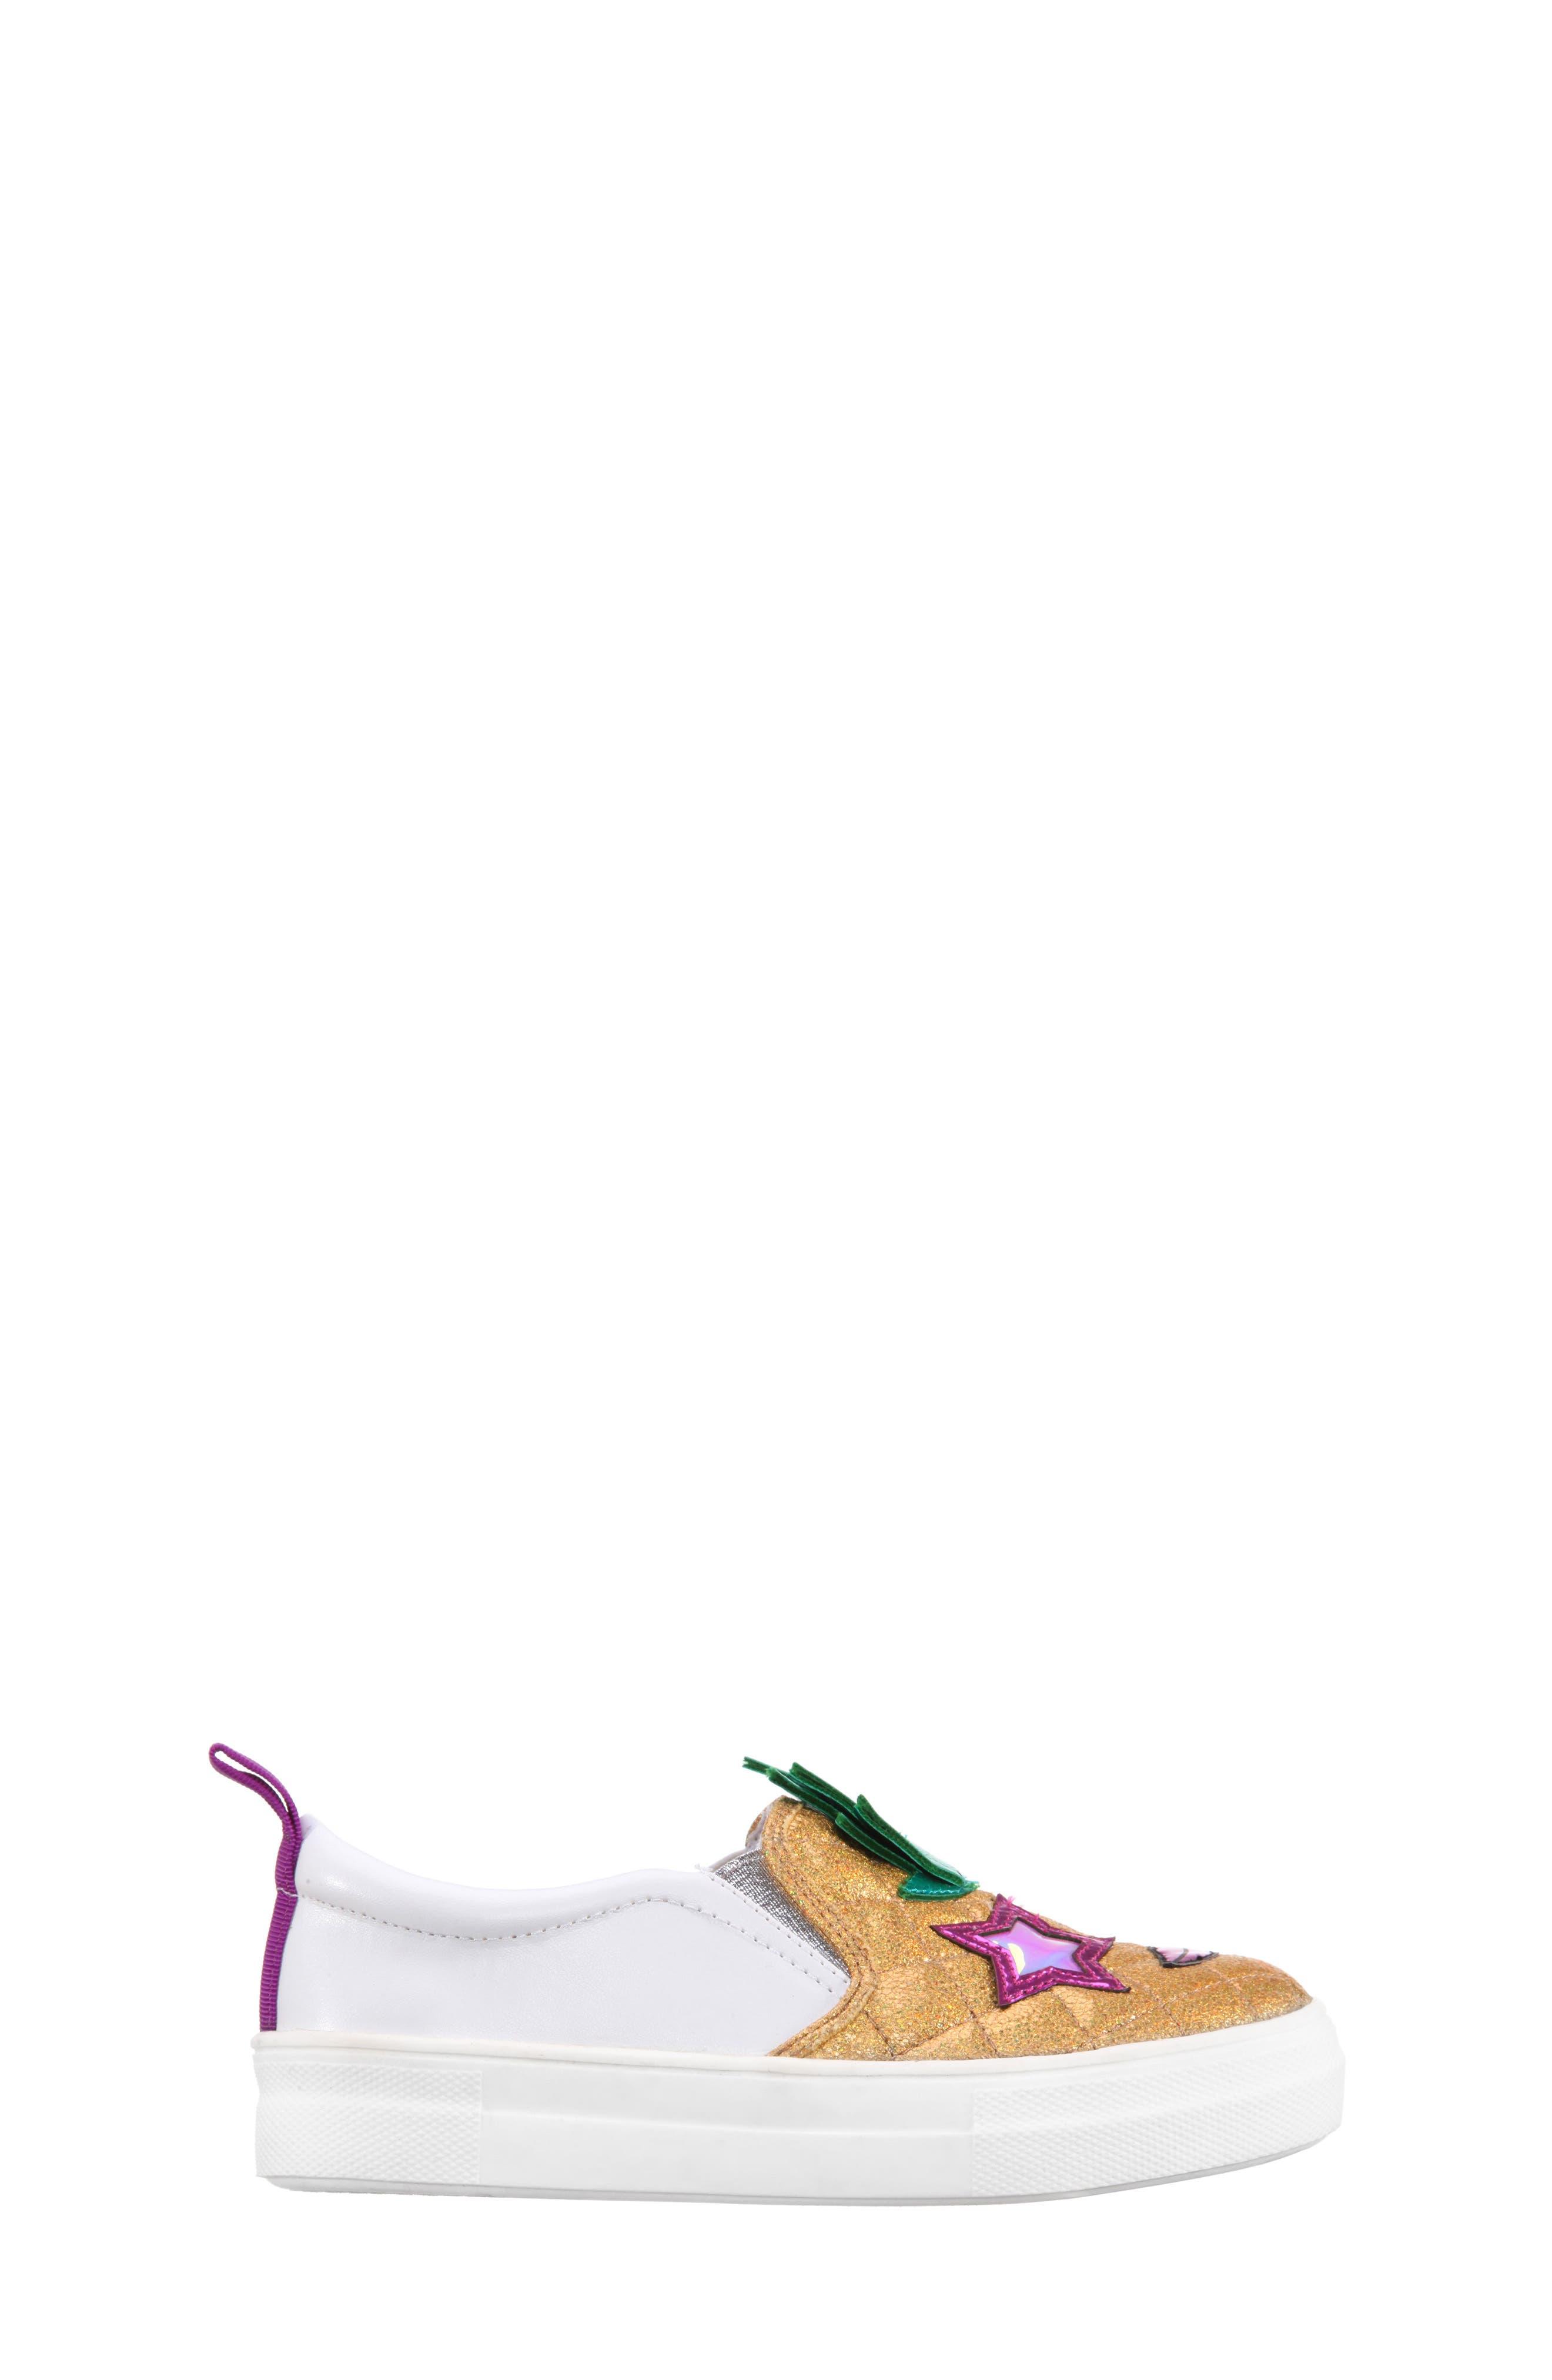 Alternate Image 3  - Nina Samanntha Pineapple Slip-On Sneaker (Toddler, Little Kid & Big Kid)